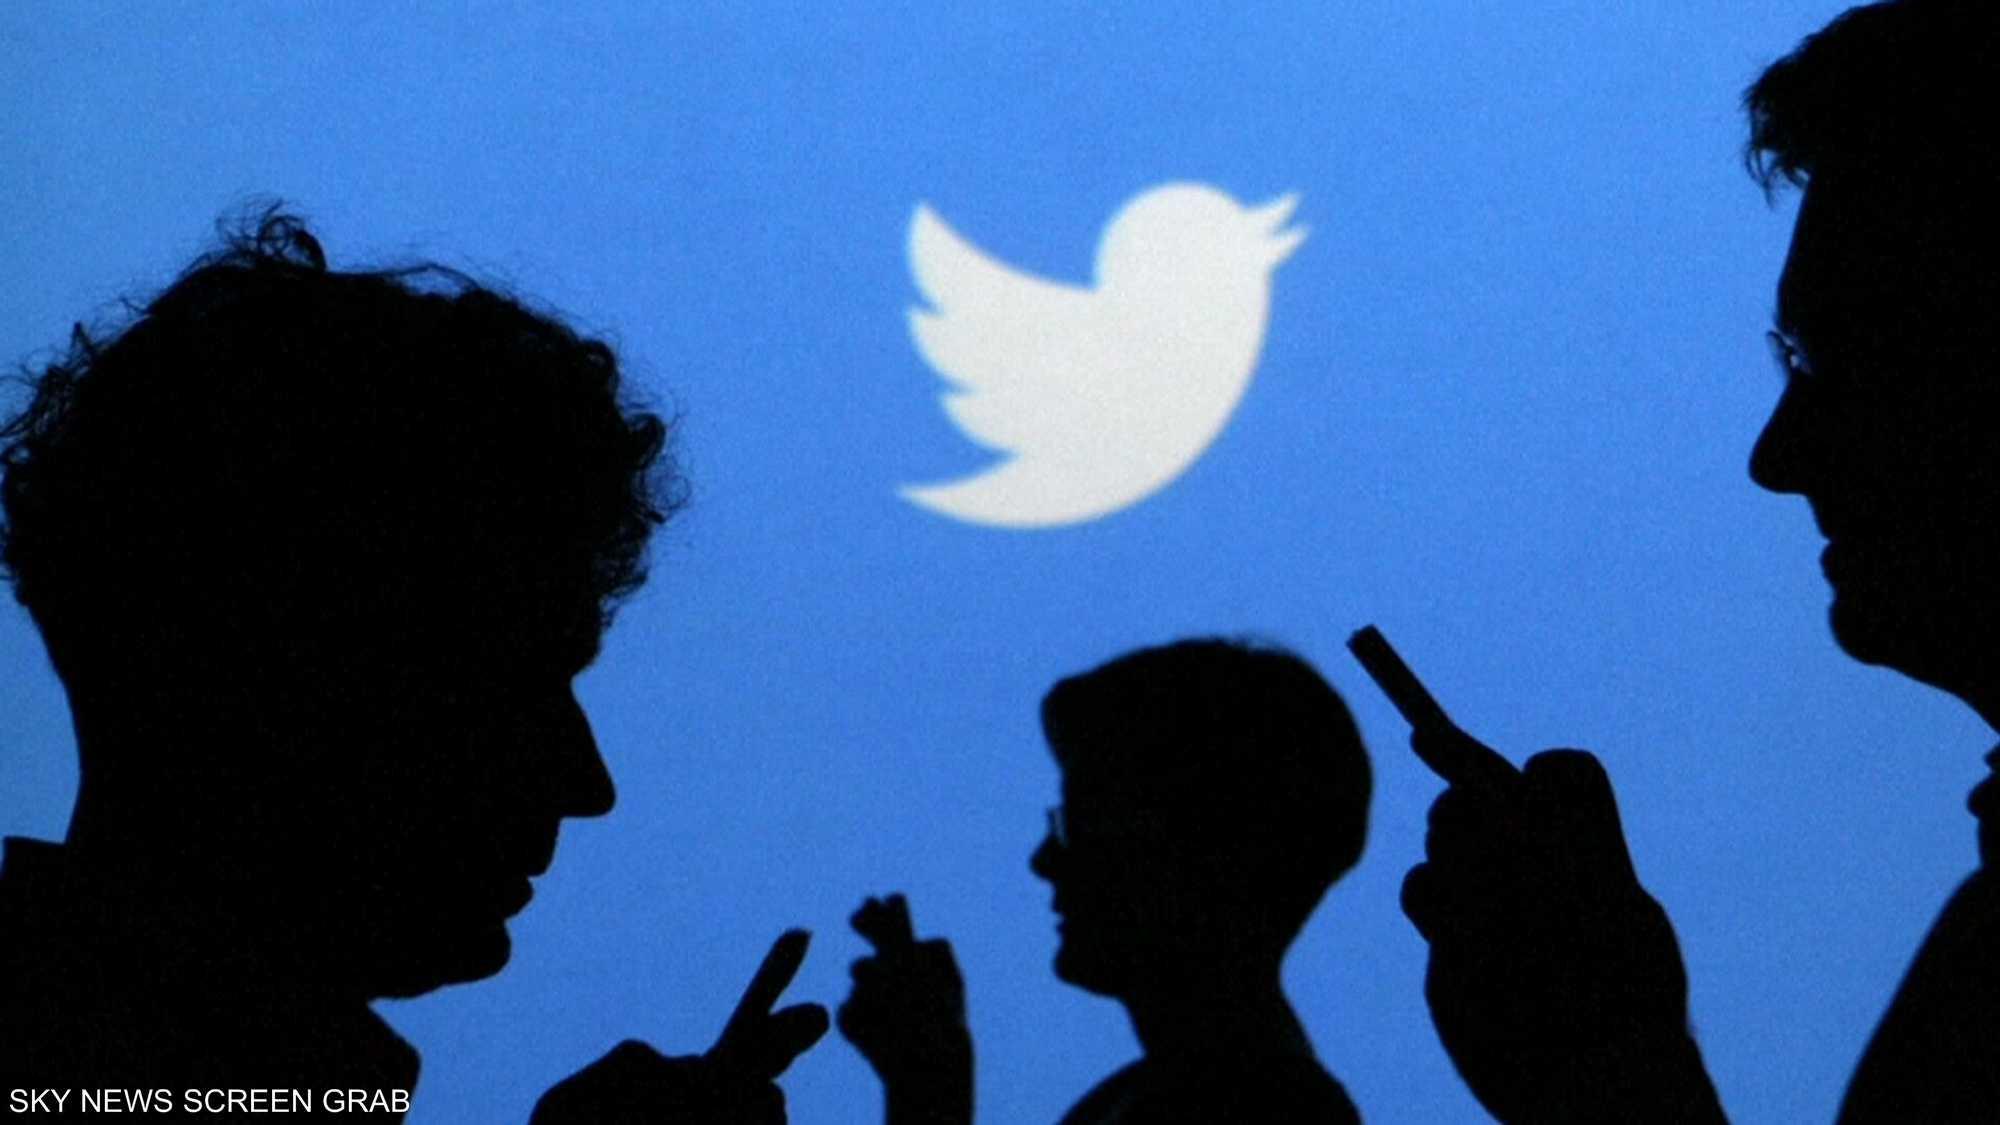 تويتر قد تضيف زر عدم الإعجاب لمحاربة التنمر والتضليل